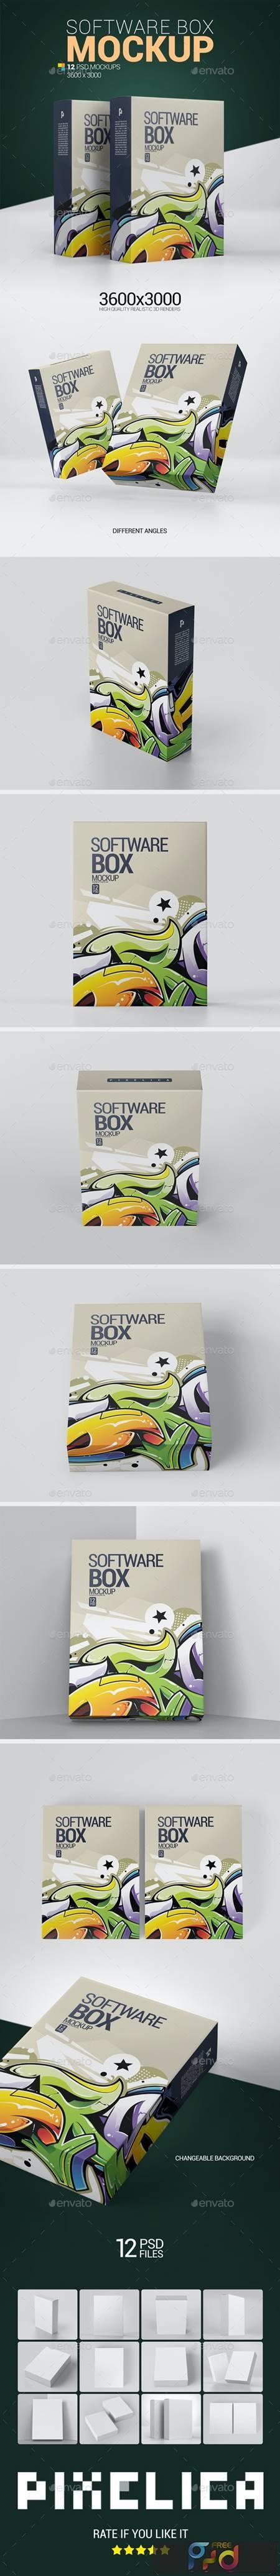 Software Box Mockup 25568629 1